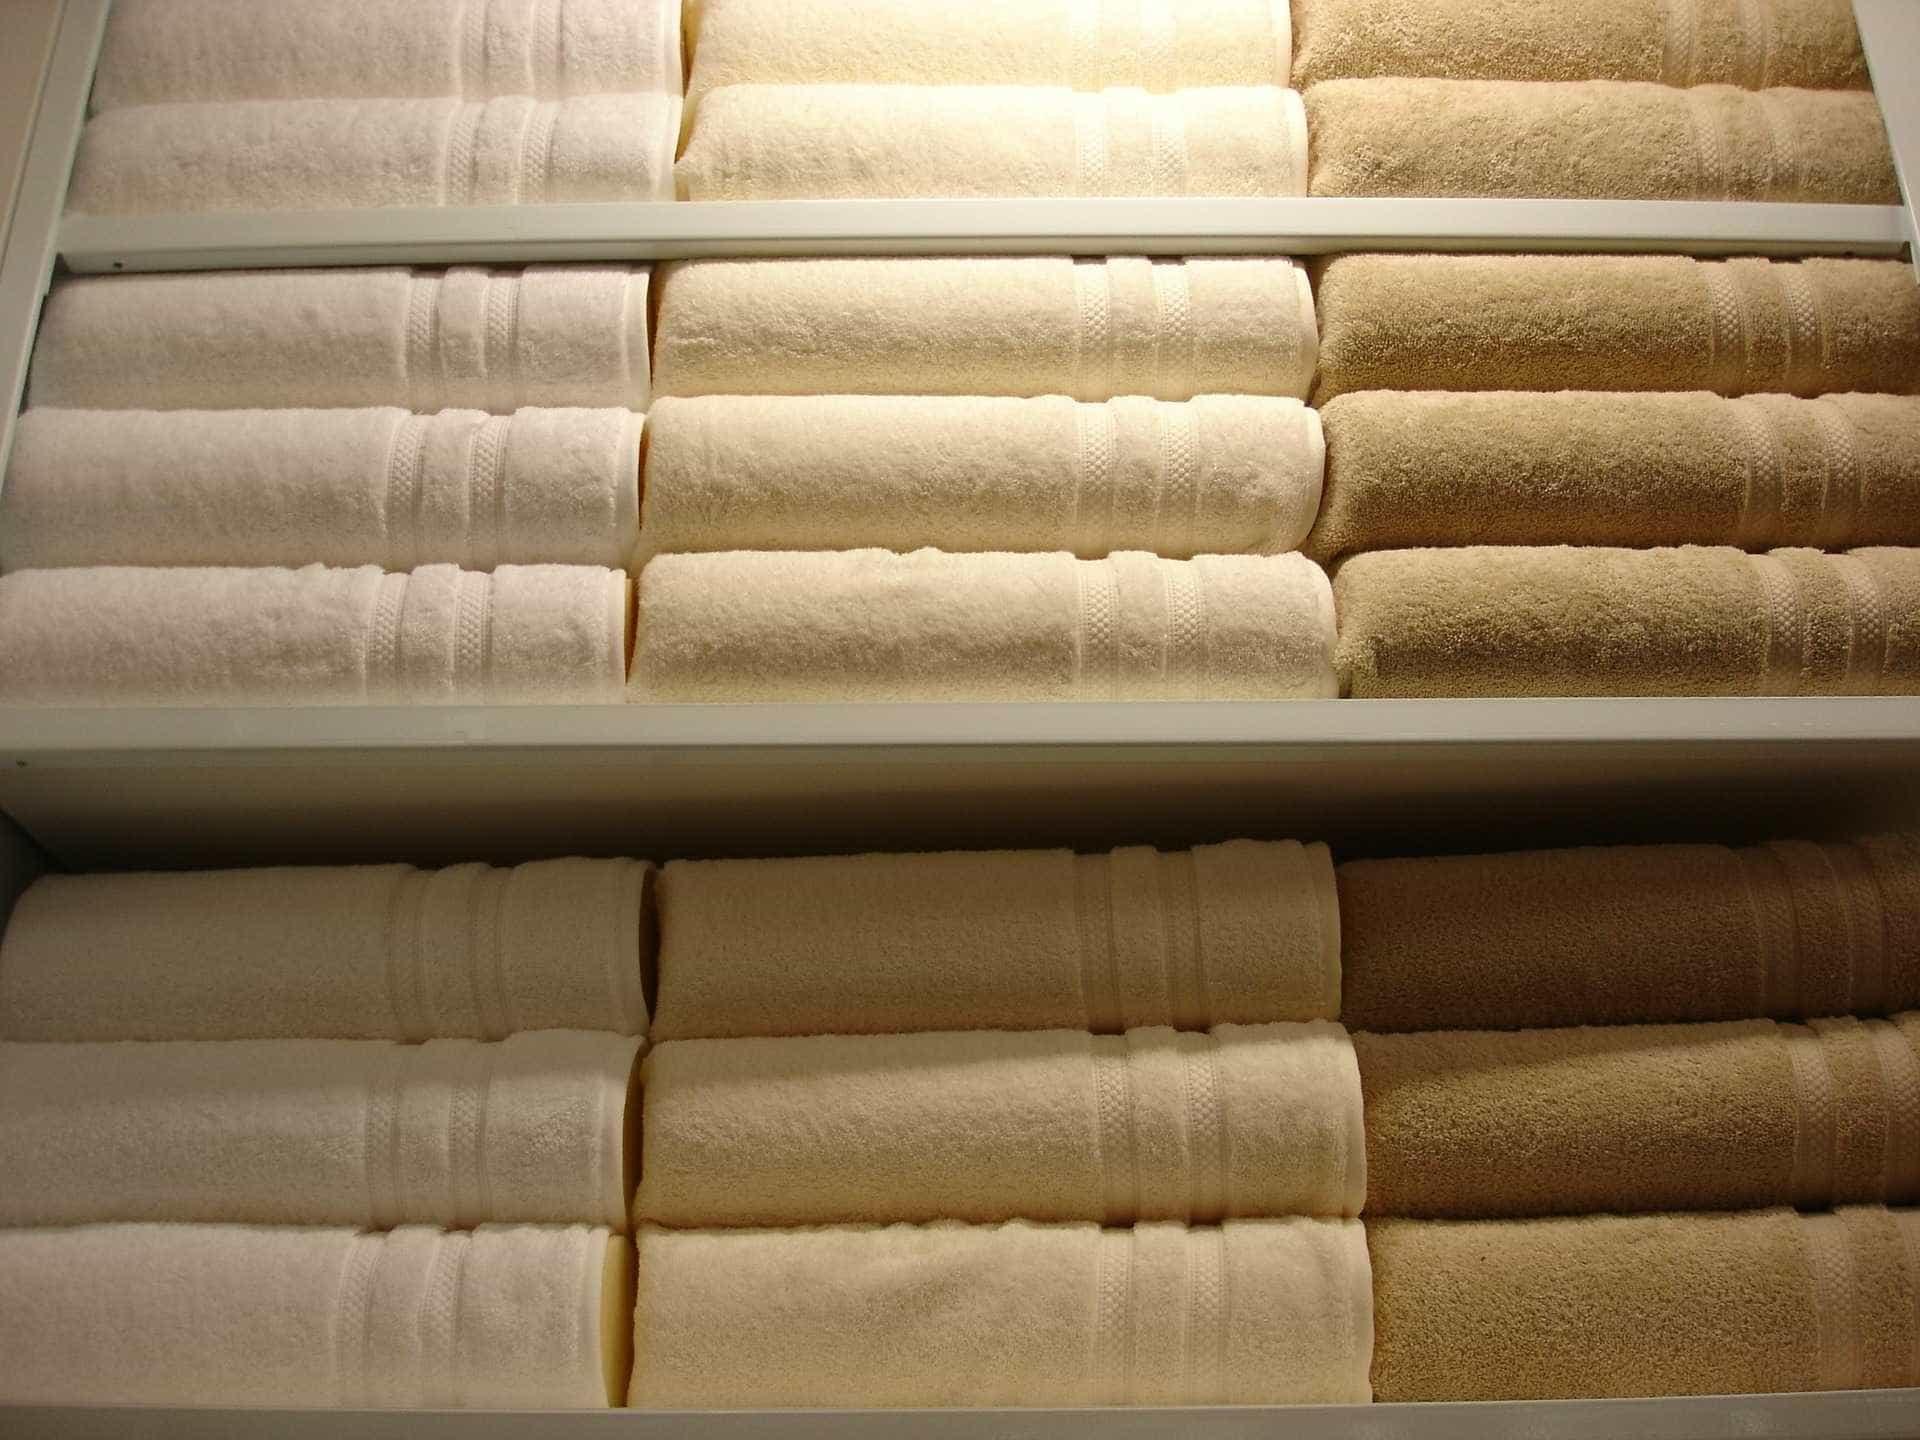 Quer toalhas de banho macias e absorventes? Use vinagre!